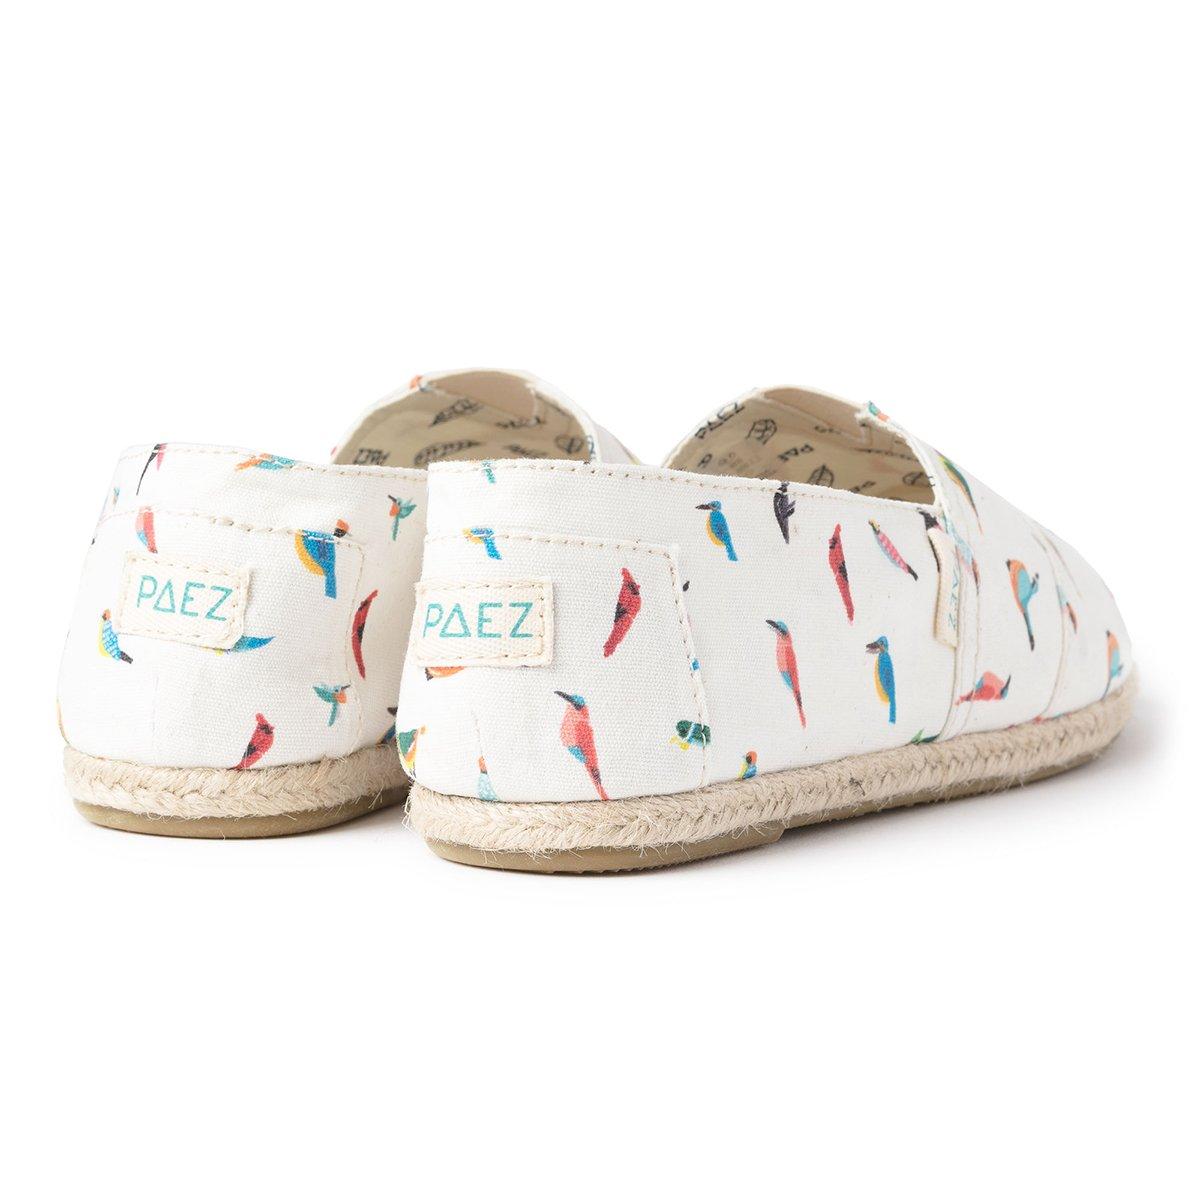 Paez Original-Print Raw Souza Bird, Alpargatas para Mujer: Amazon.es: Zapatos y complementos